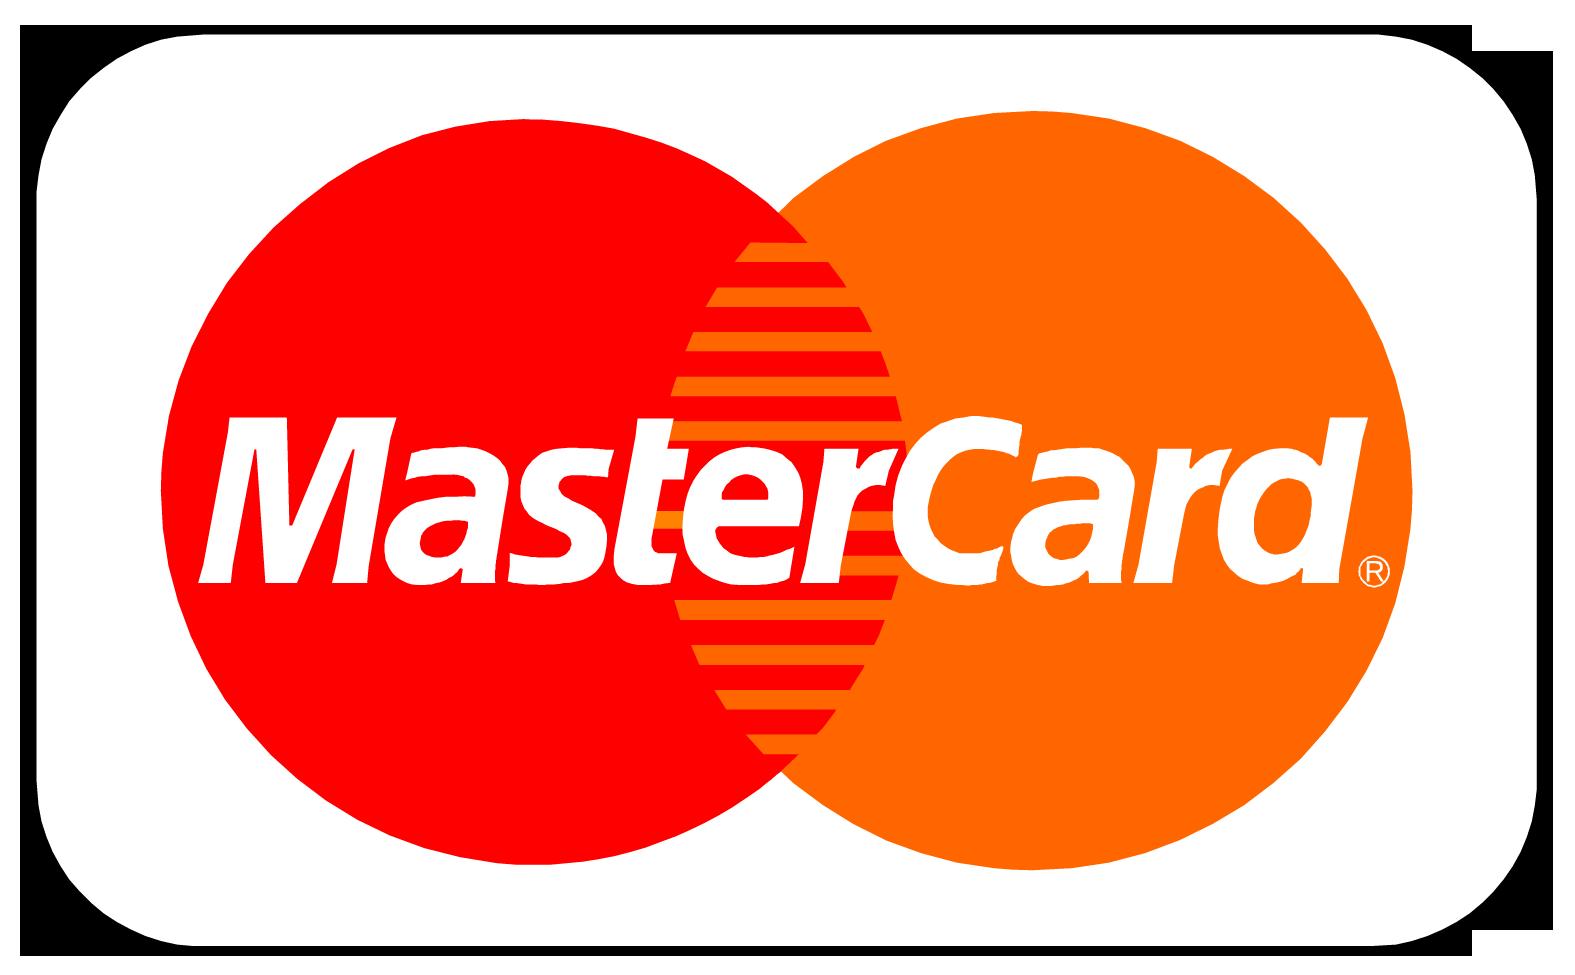 Mastercard PNG - 17211